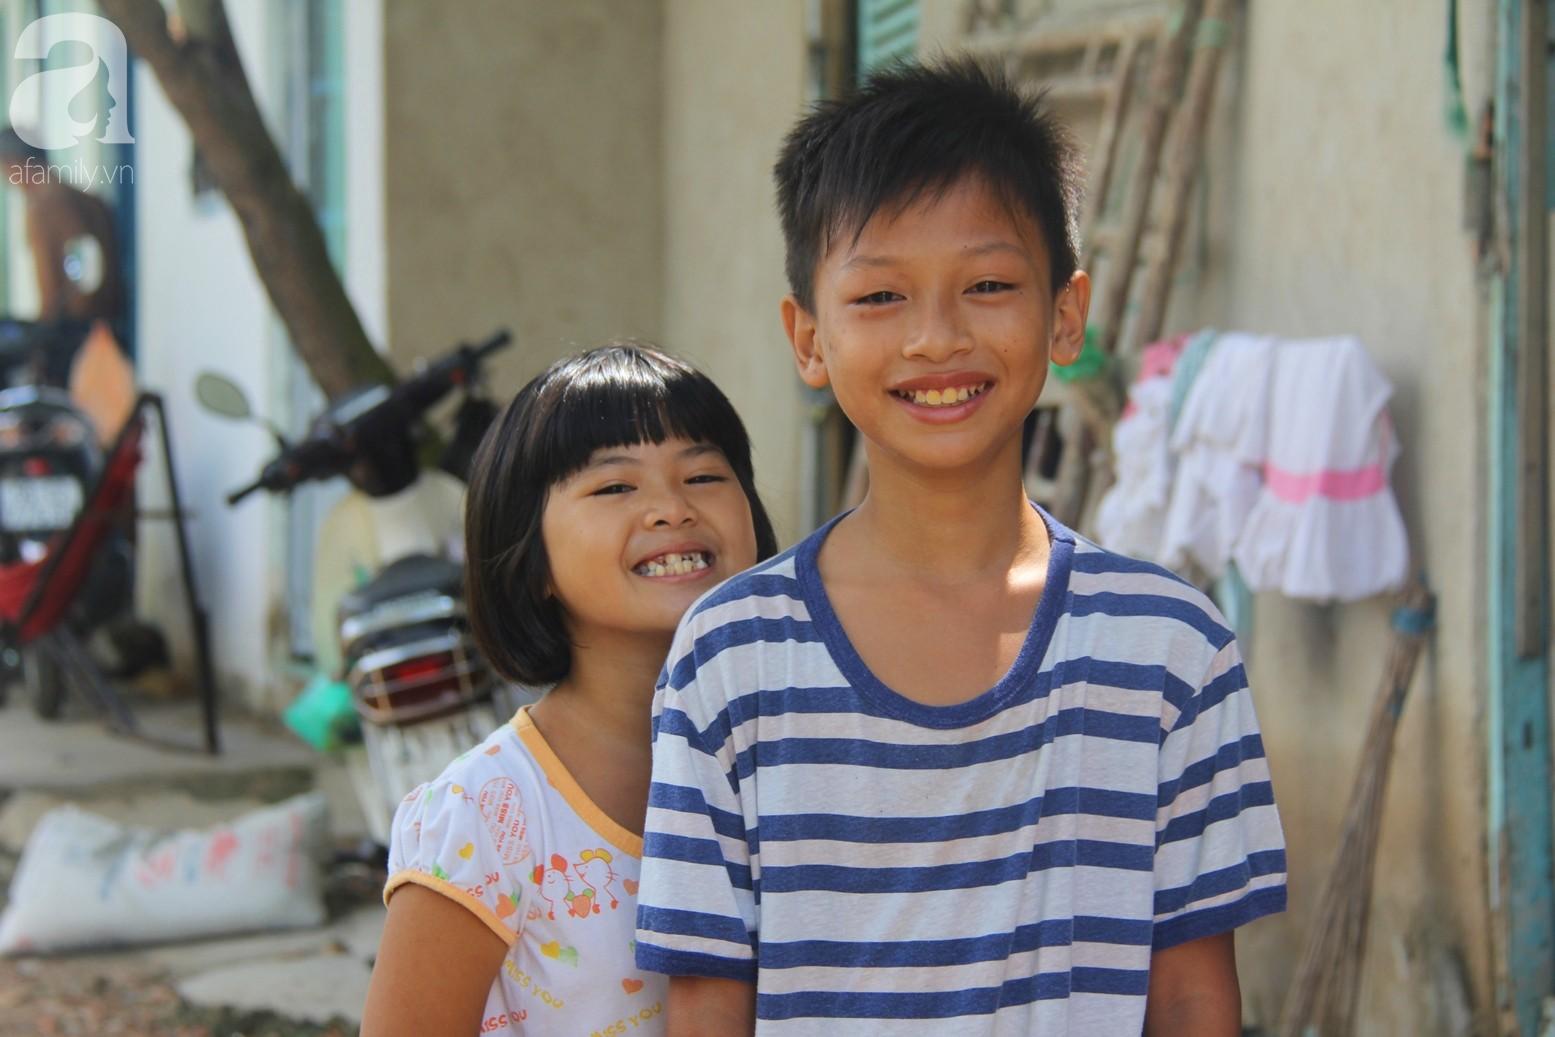 Phép màu đến với 8 đứa trẻ sống nheo nhóc bên bà ngoại già bại liệt: Tụi con ăn cơm với cá thịt và sắp được đến trường - Ảnh 6.